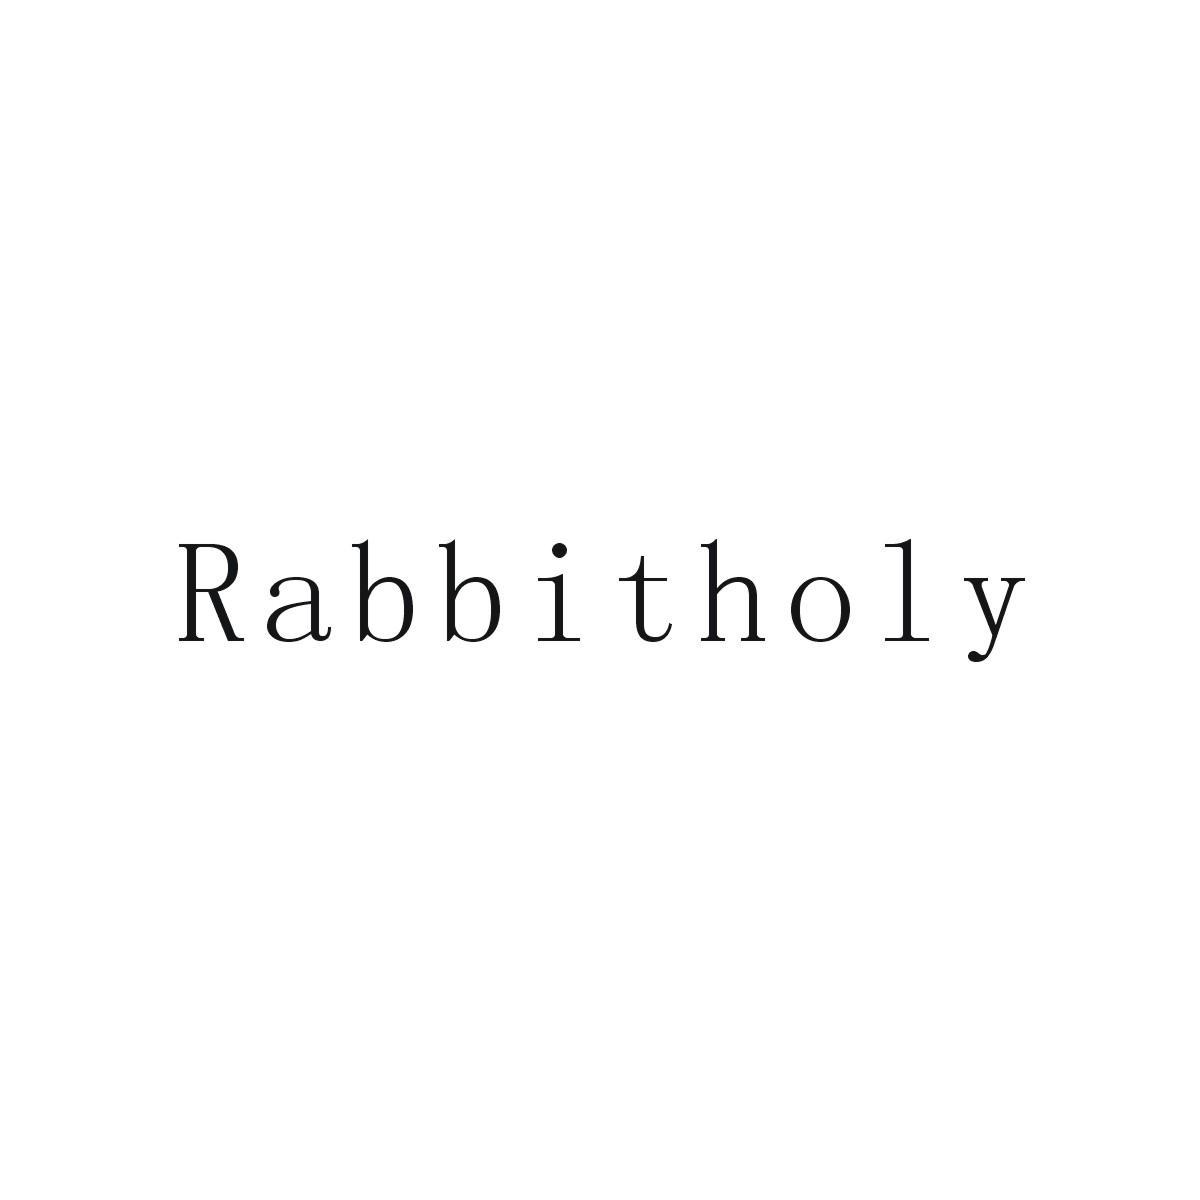 Rabbitholy